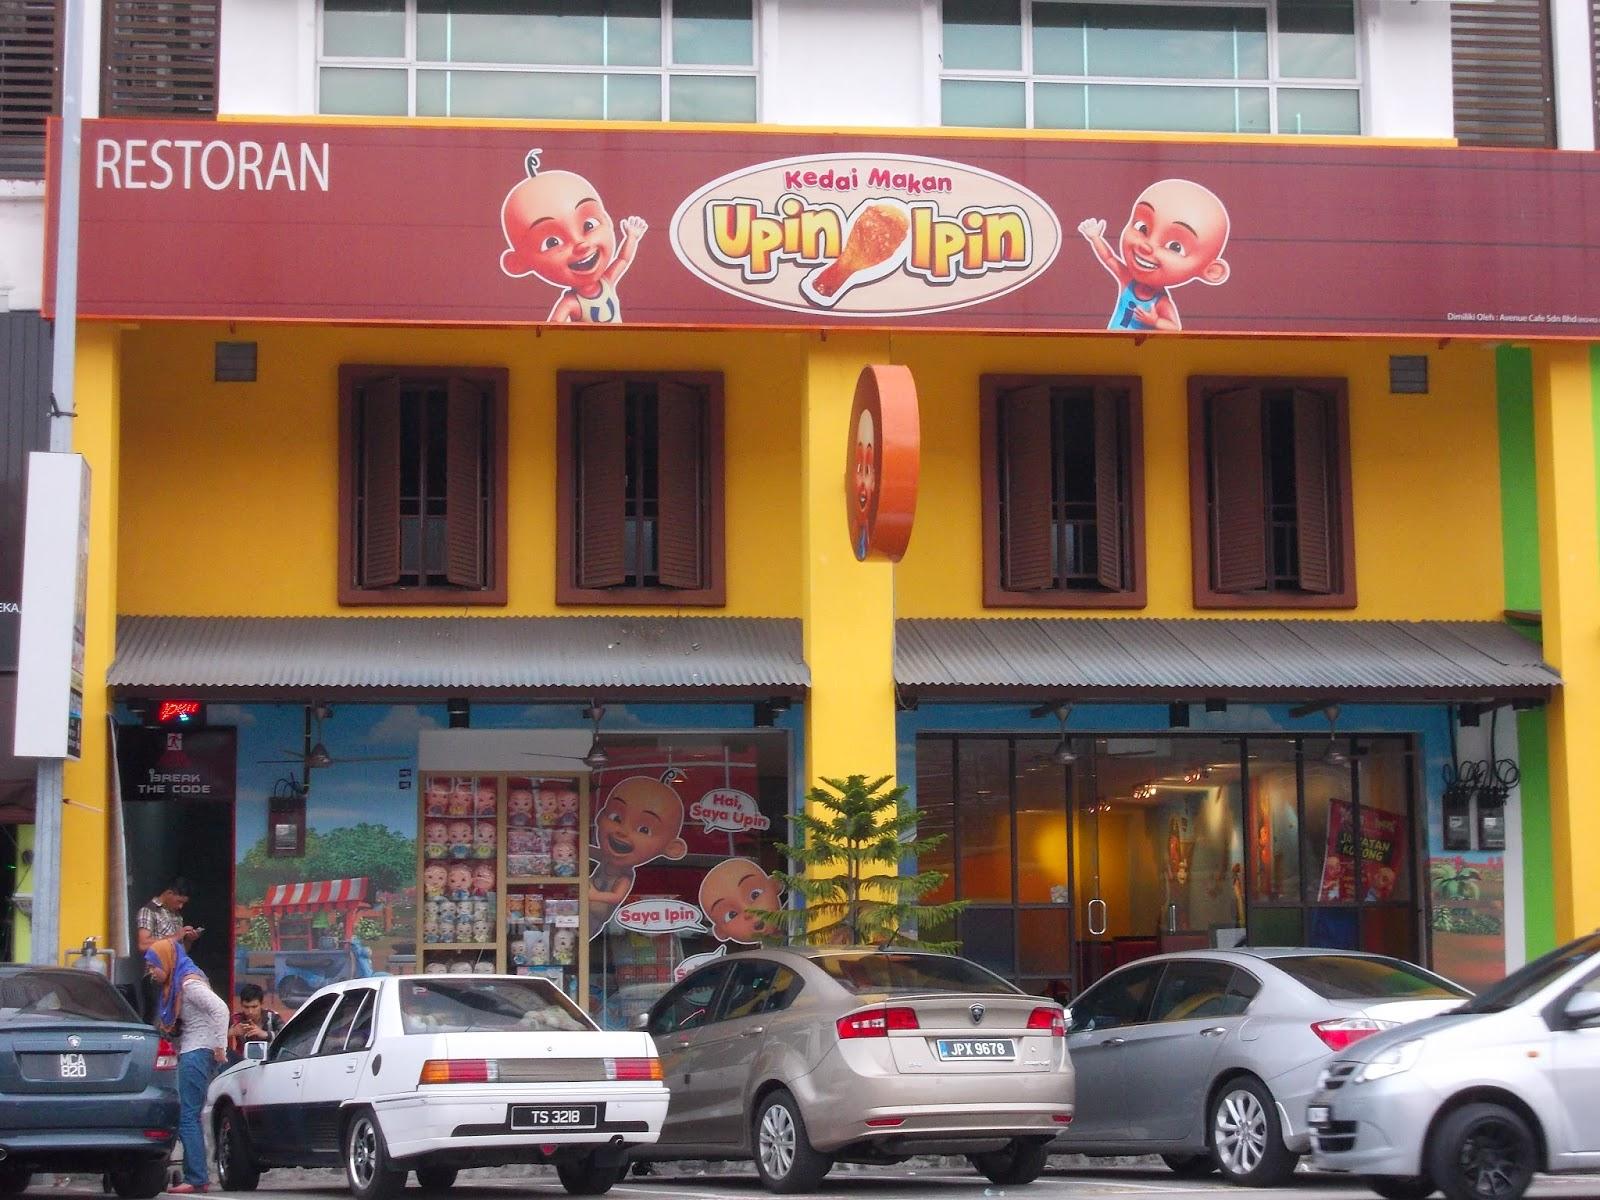 Kedai Makan Upin & Ipin